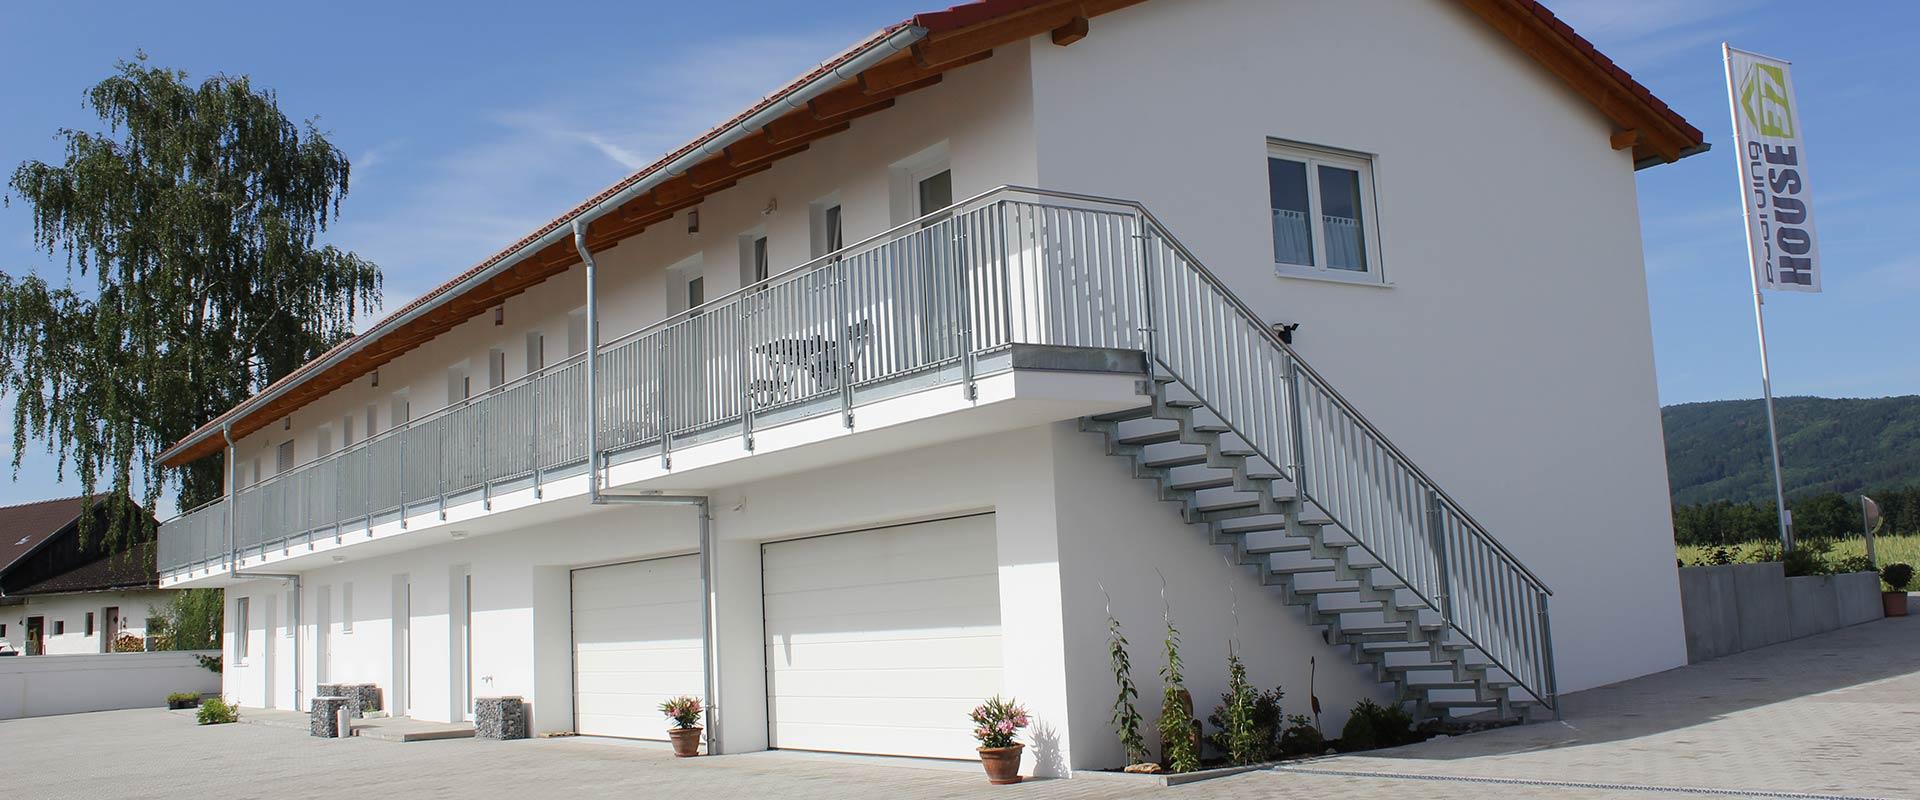 Boardinghouse 37 in Schwarzach